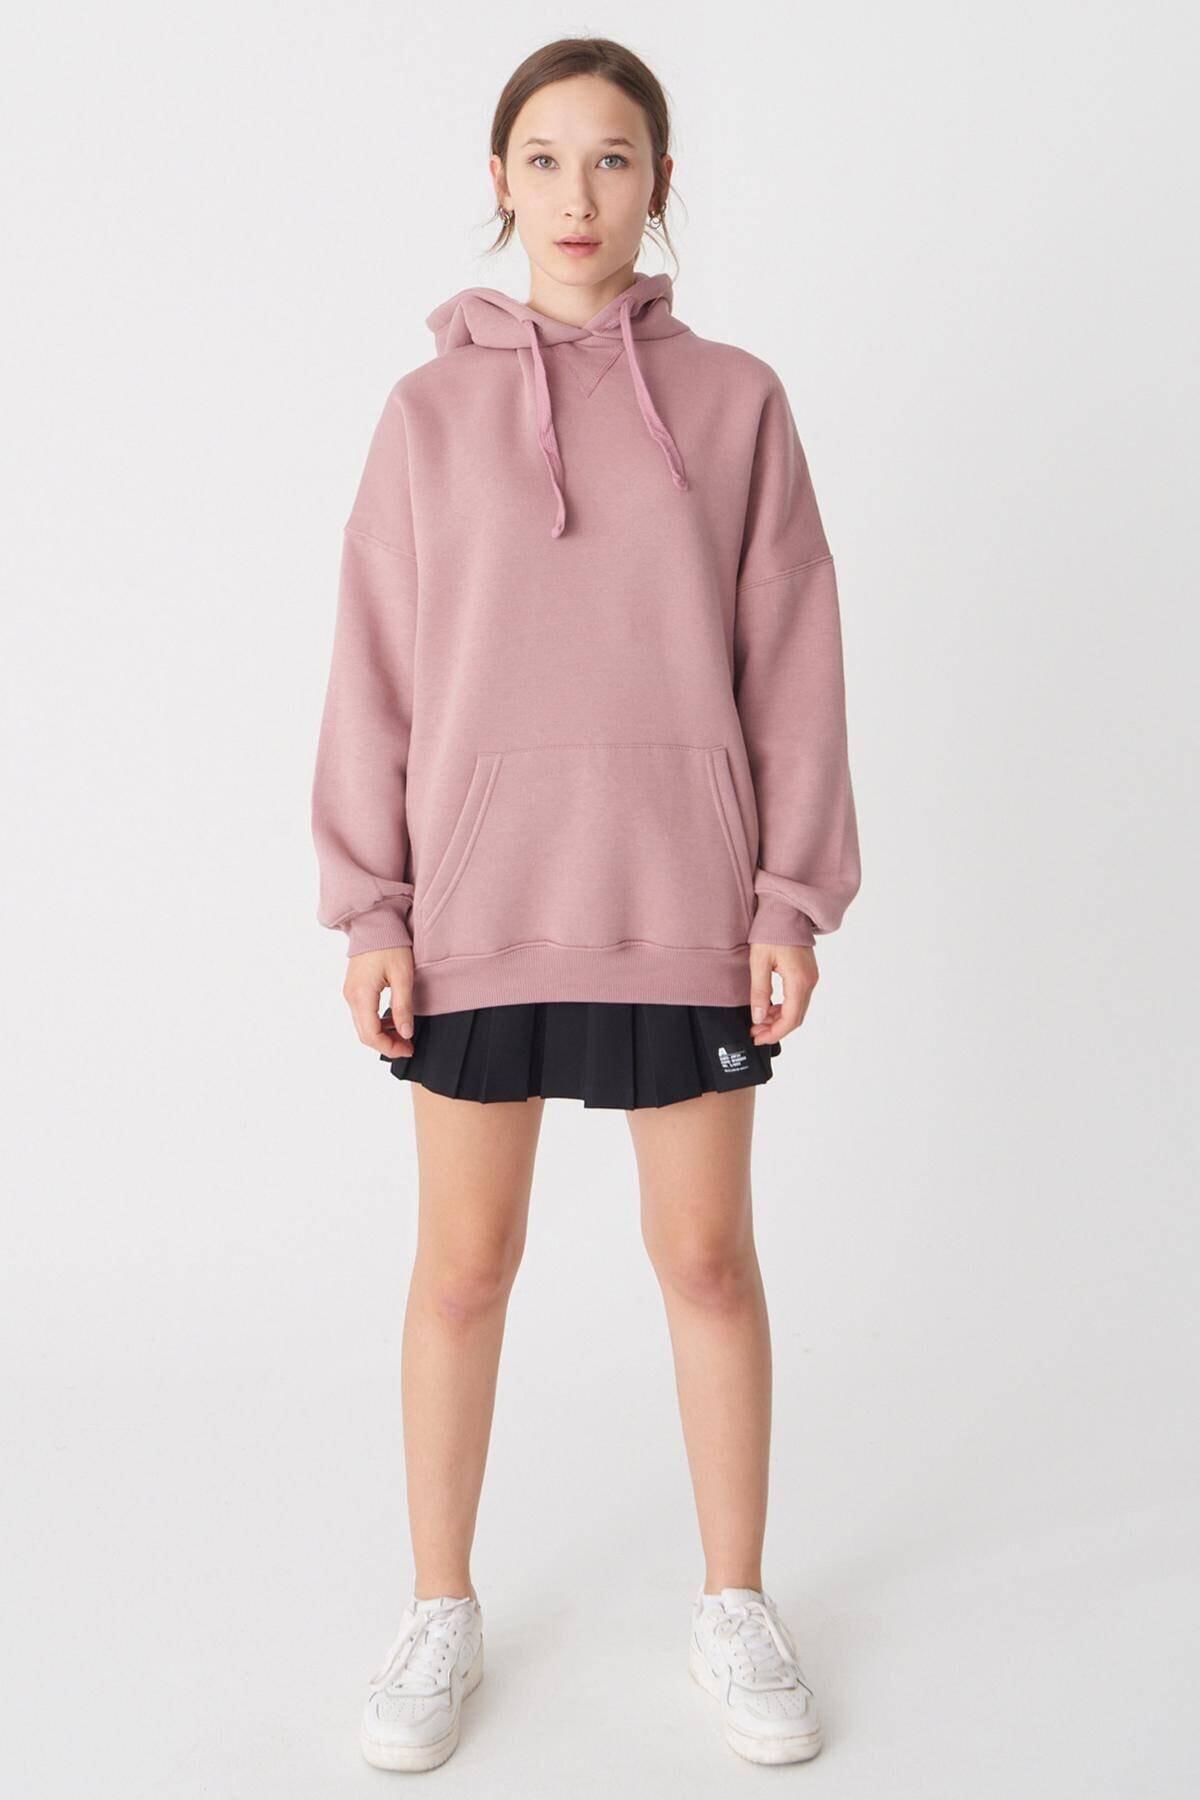 Addax Kadın Koyu Gül Kapüşonlu Sweatshirt S0519 - H7 ADX-0000014040 3